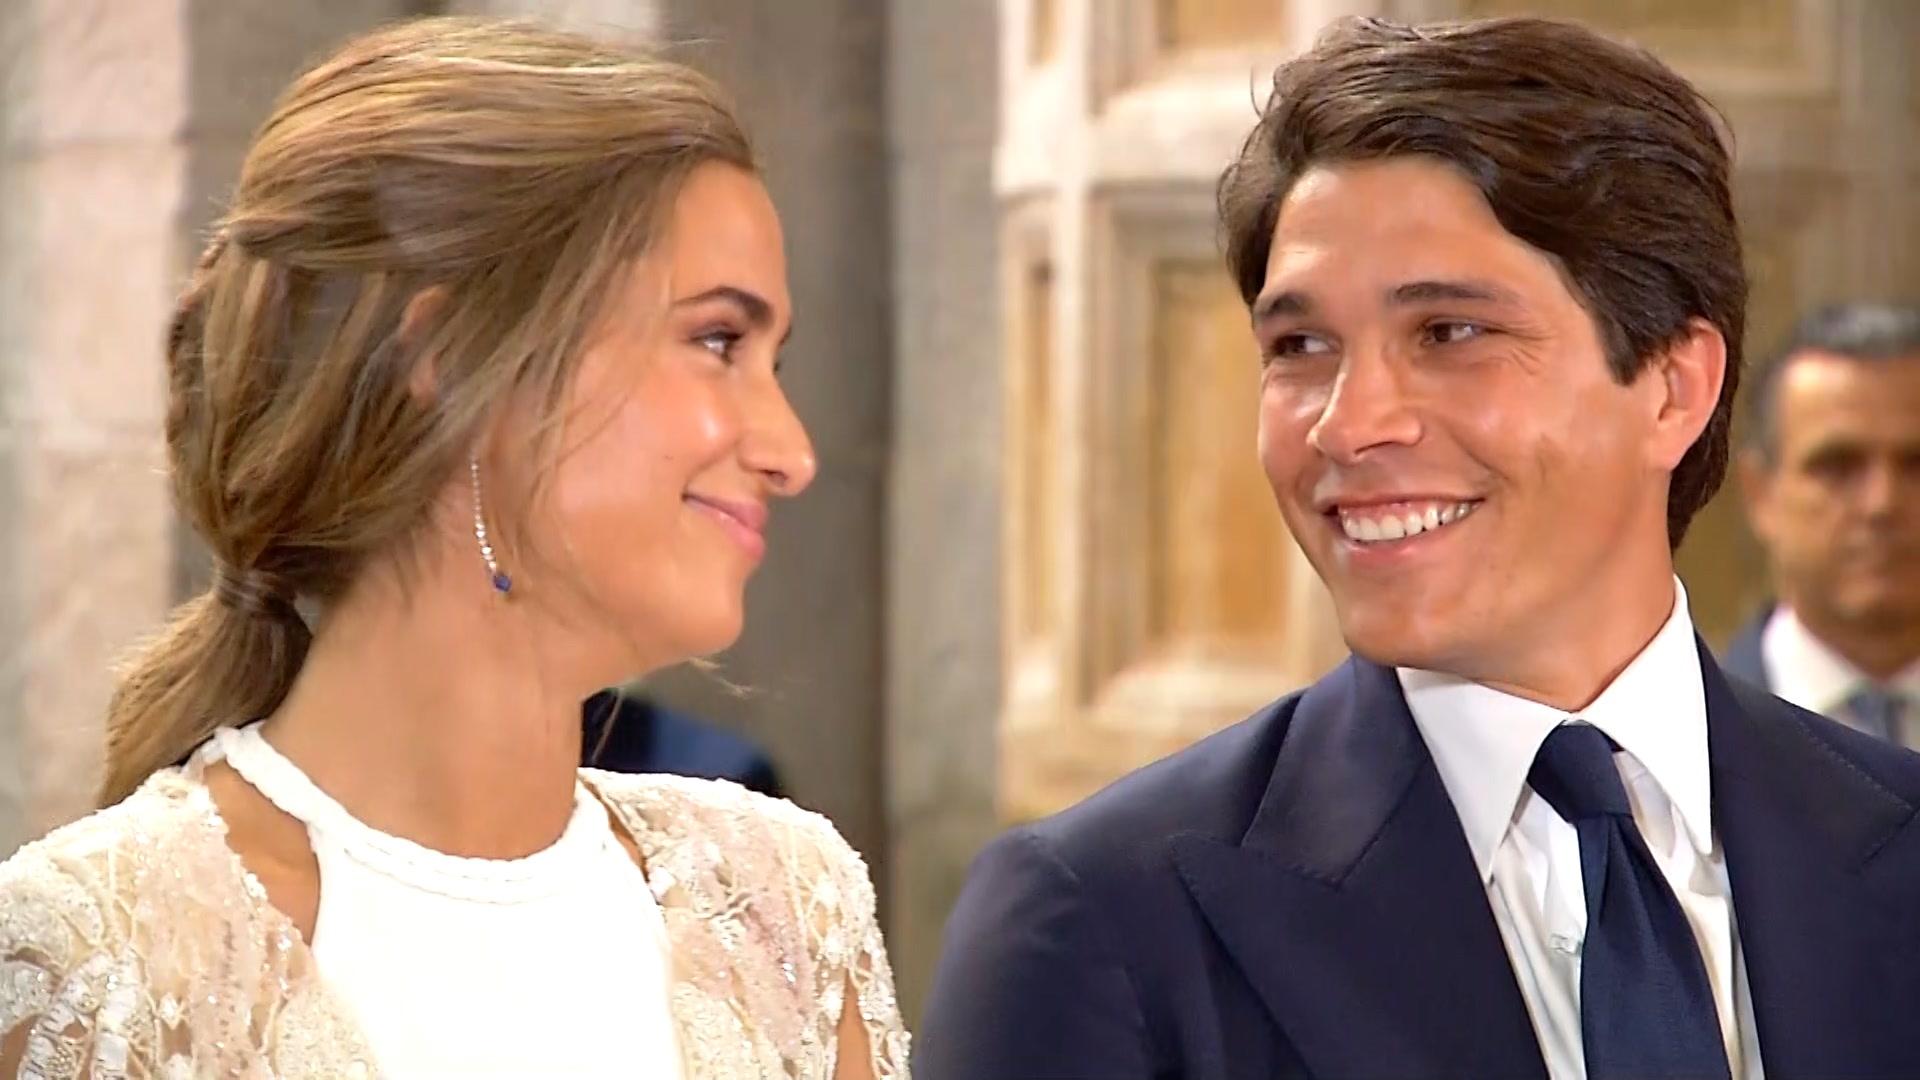 La boda de María Pombo y Pablo Castellano